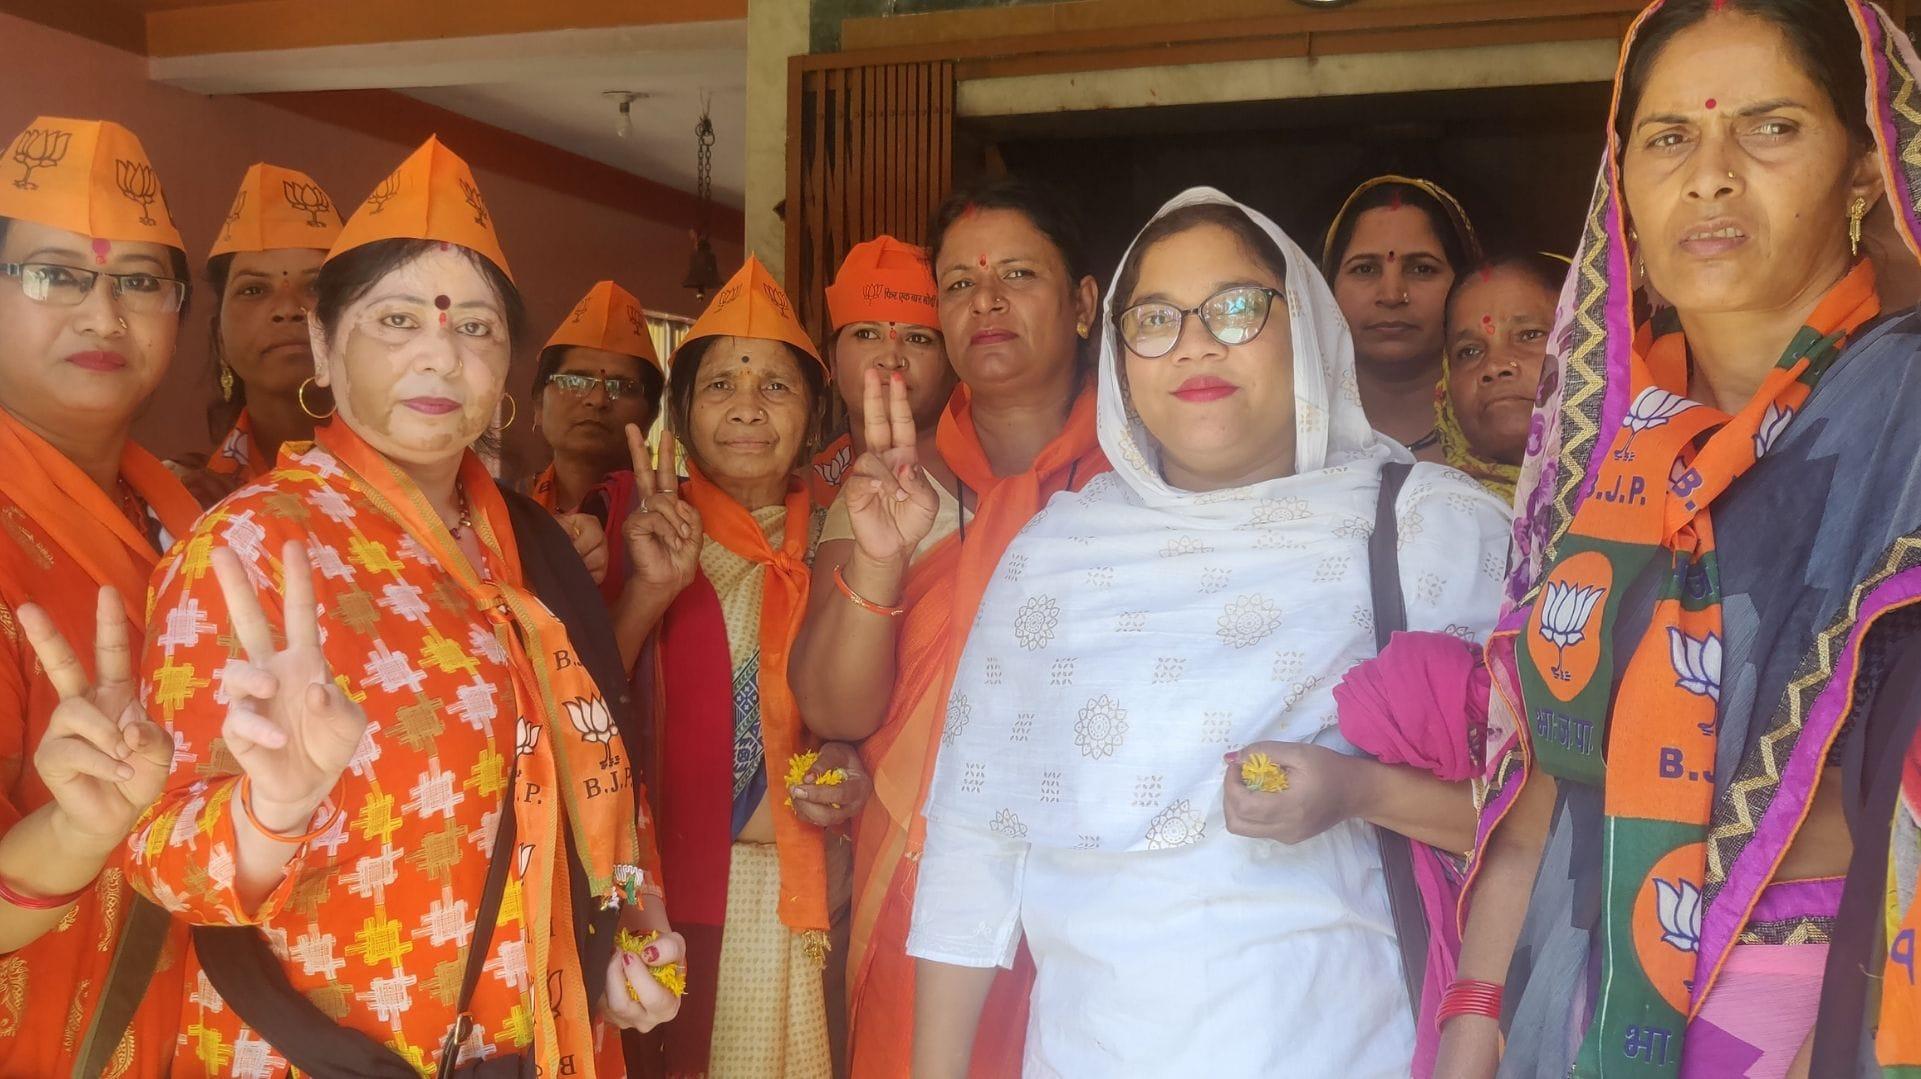 0.5 Bjp Mahila Morcha members wait for Pragya Singh. She is two hours late.